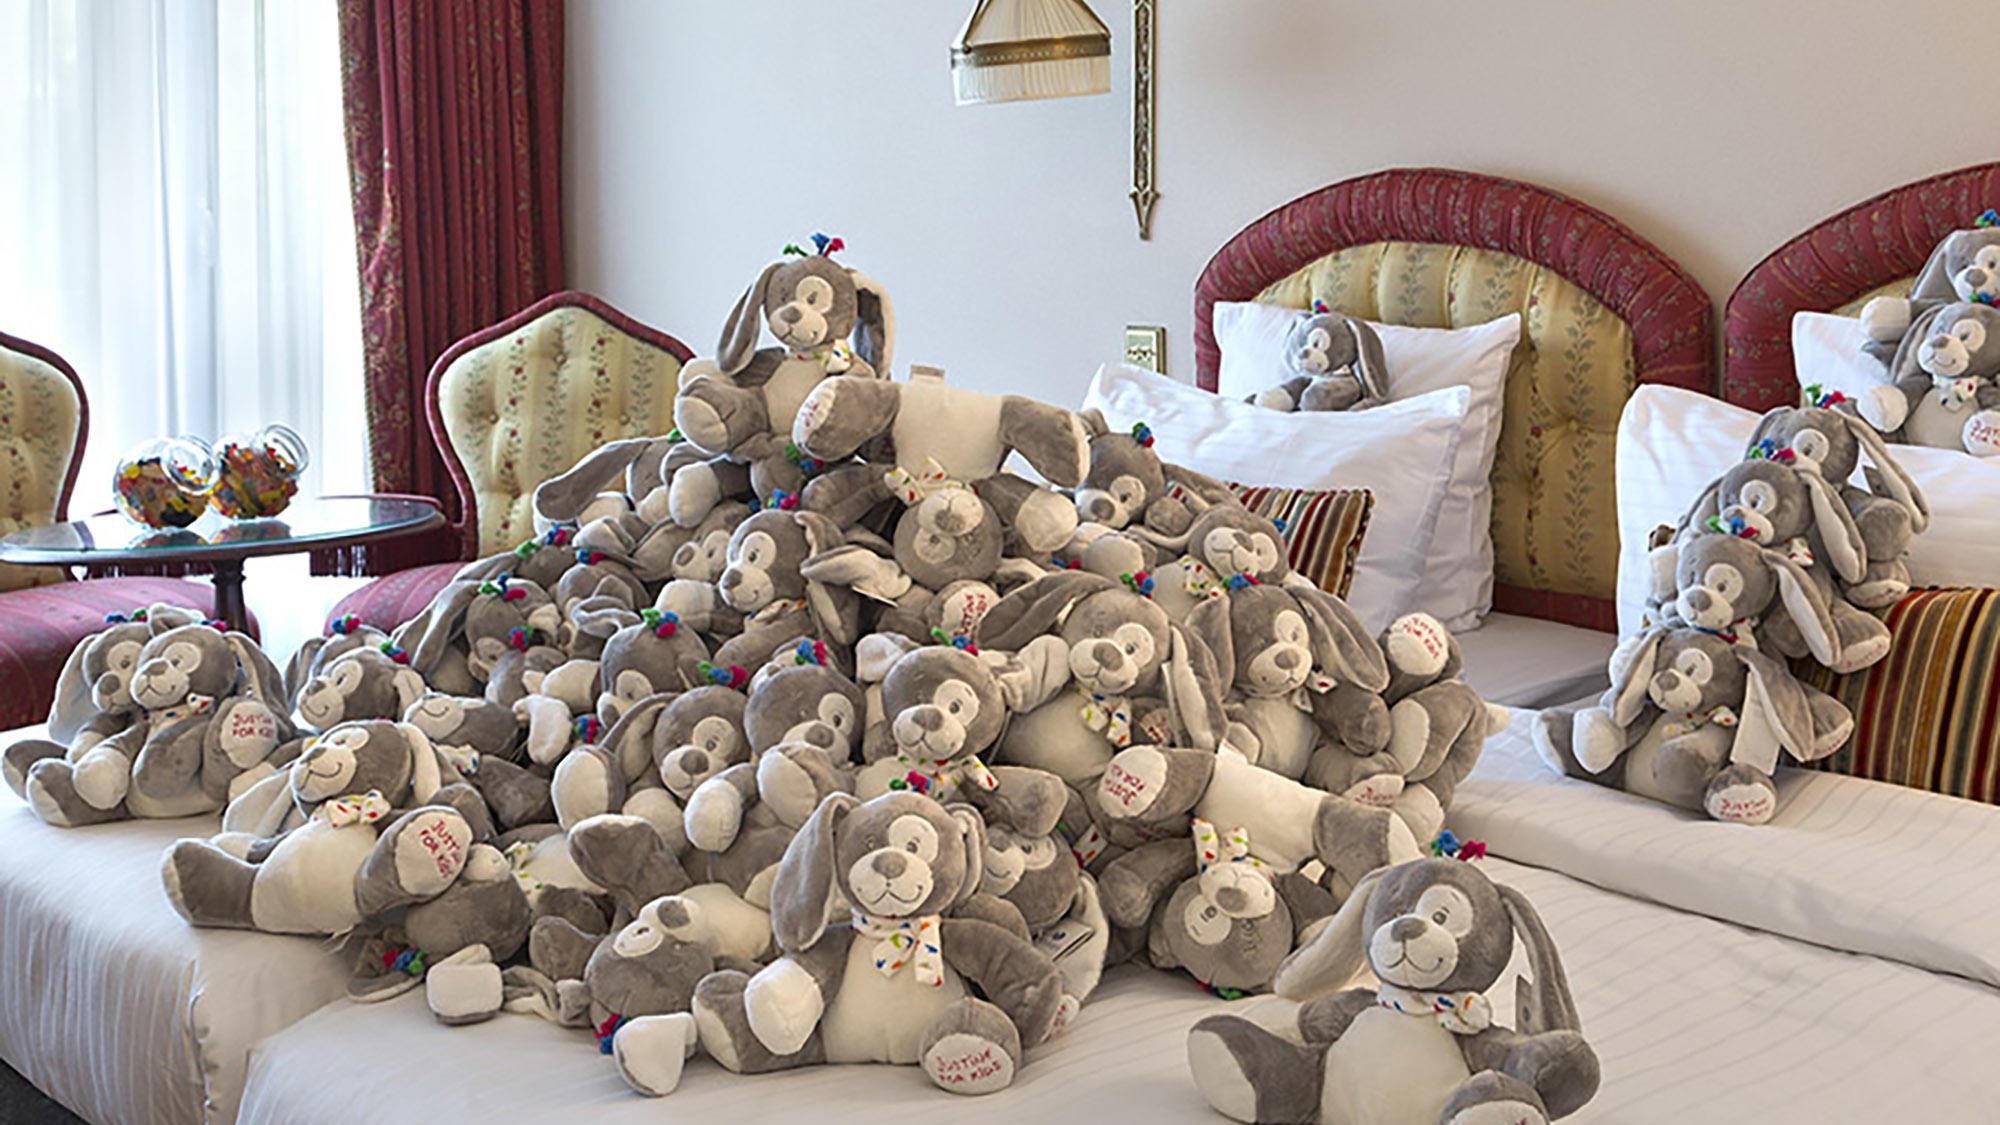 Family room teddy bears